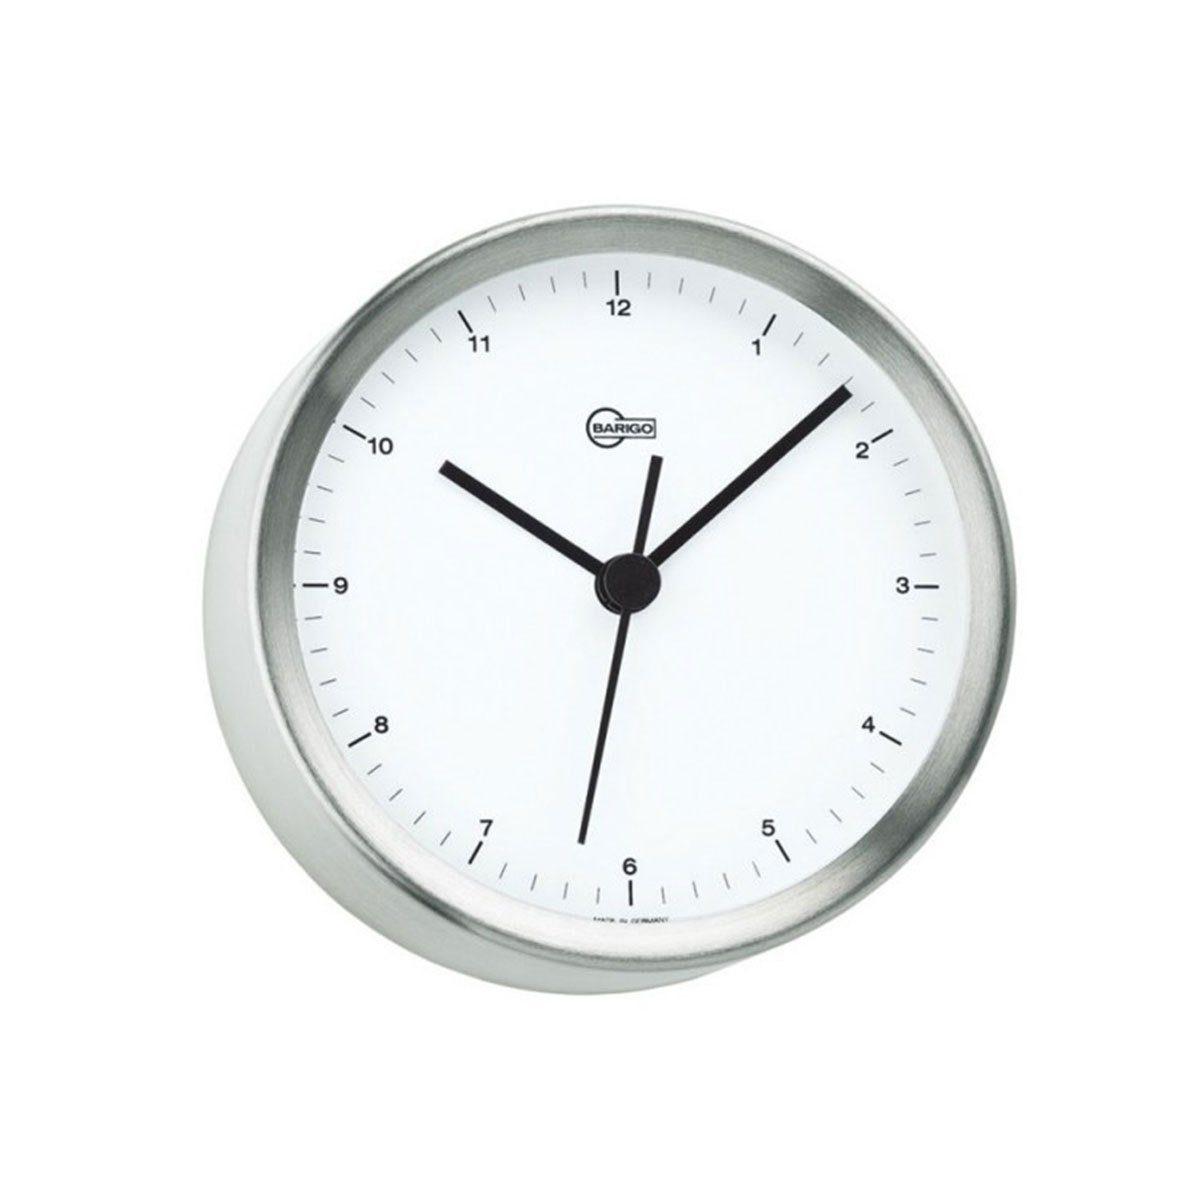 Barigo Barigo Quarz-Uhr